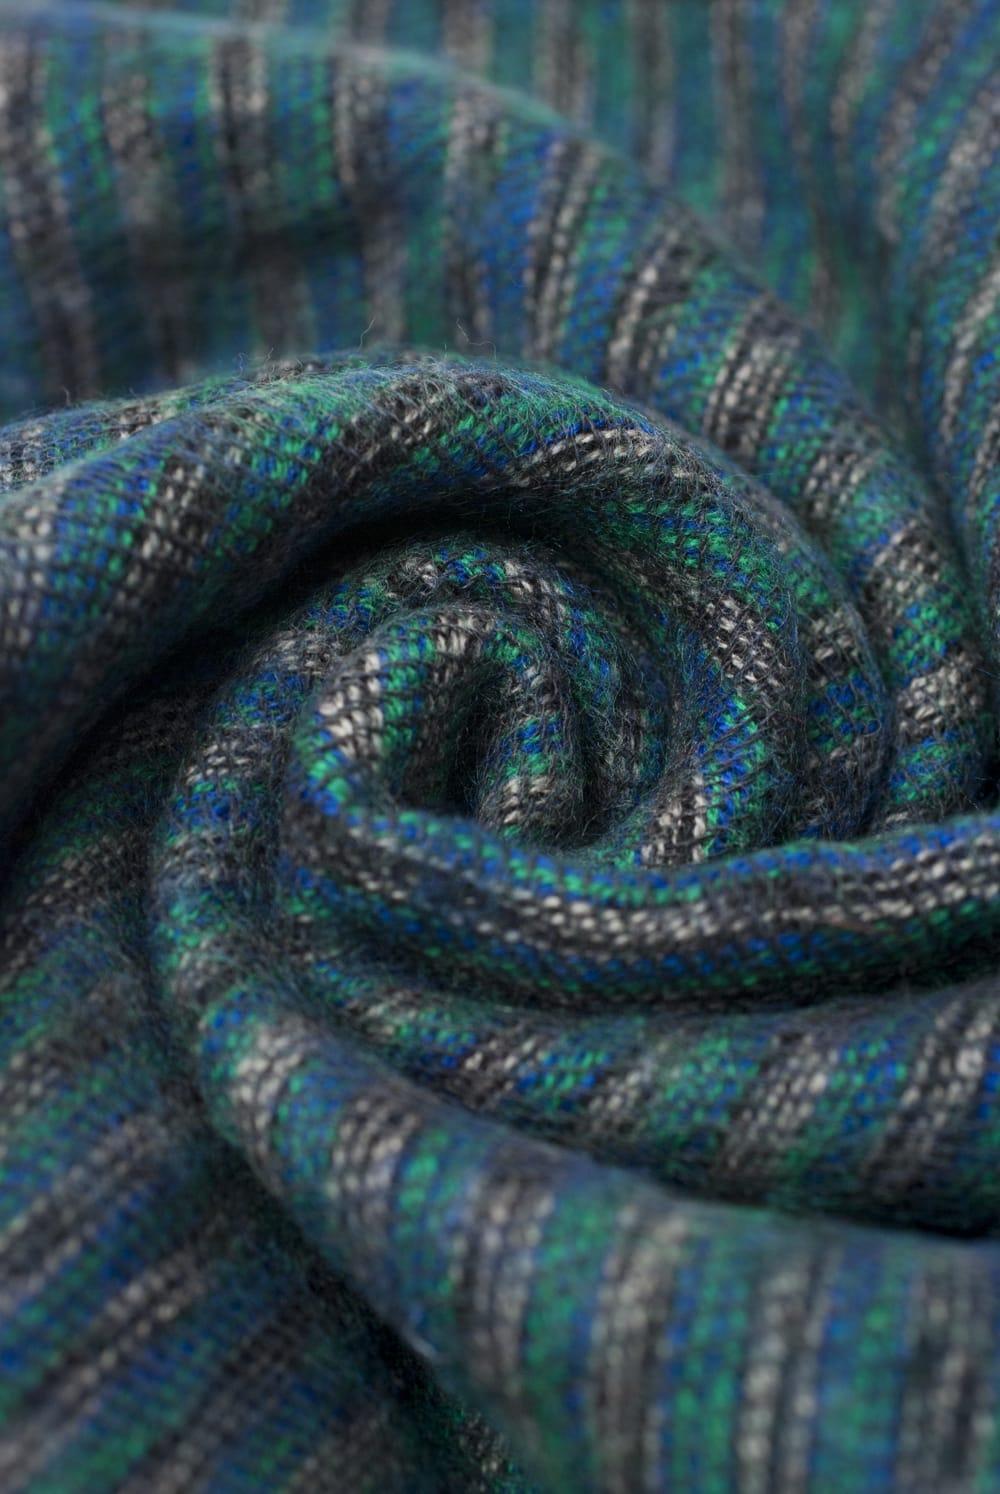 ふんわり起毛のライトスヌード - グリーン系 3 - シックな色合いが素敵ですね。